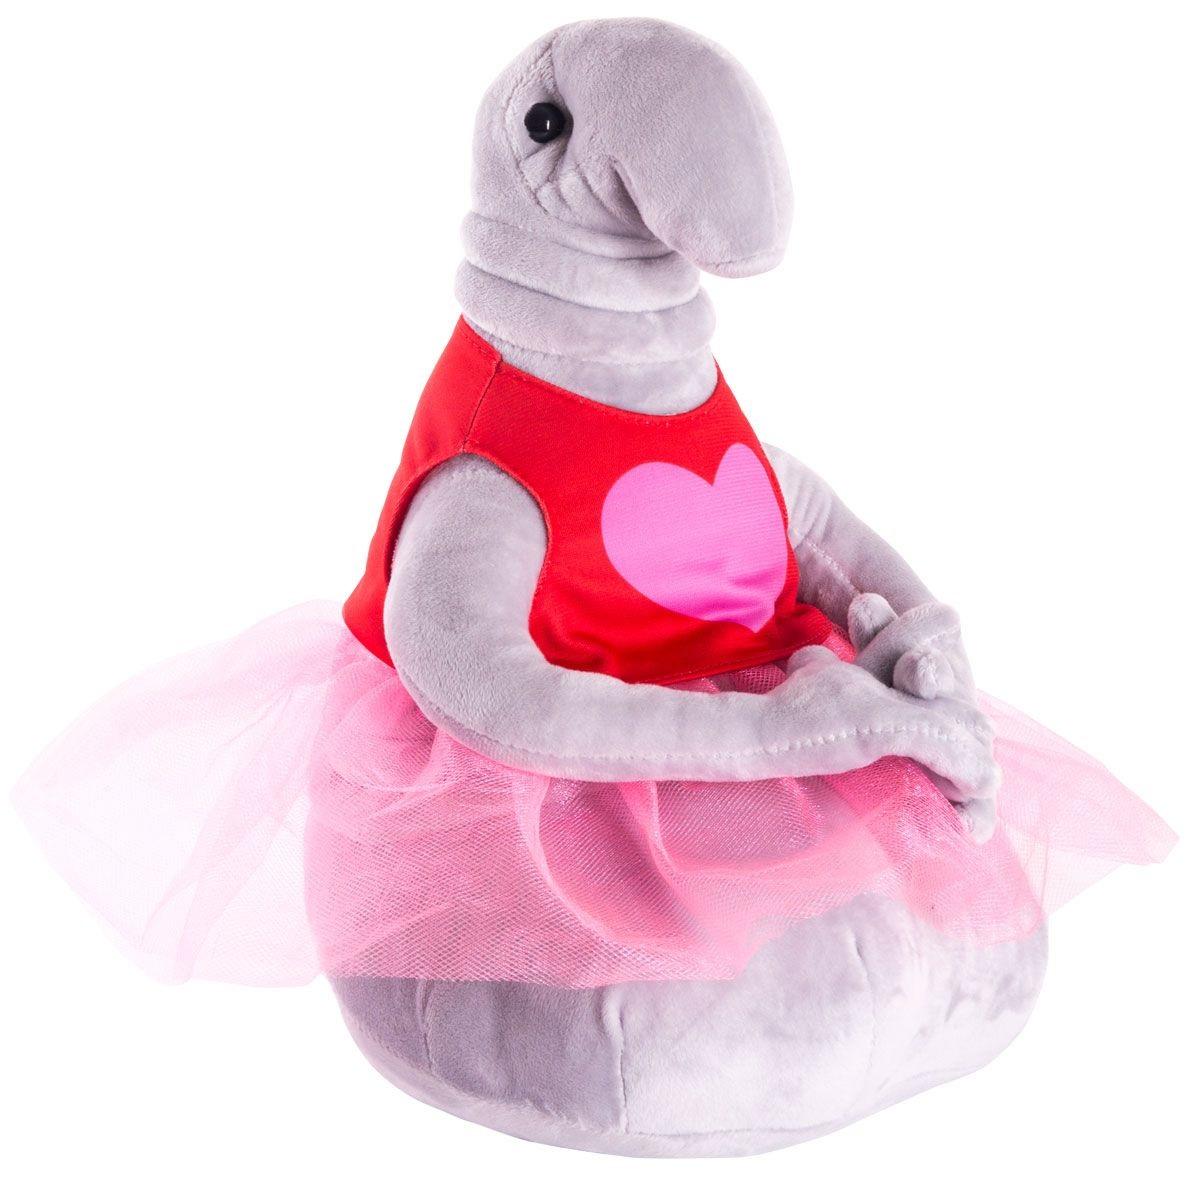 Мягкая игрушка из серии Ждун - Жду Принца, 30 см.Ждун<br>Мягкая игрушка из серии Ждун - Жду Принца, 30 см.<br>